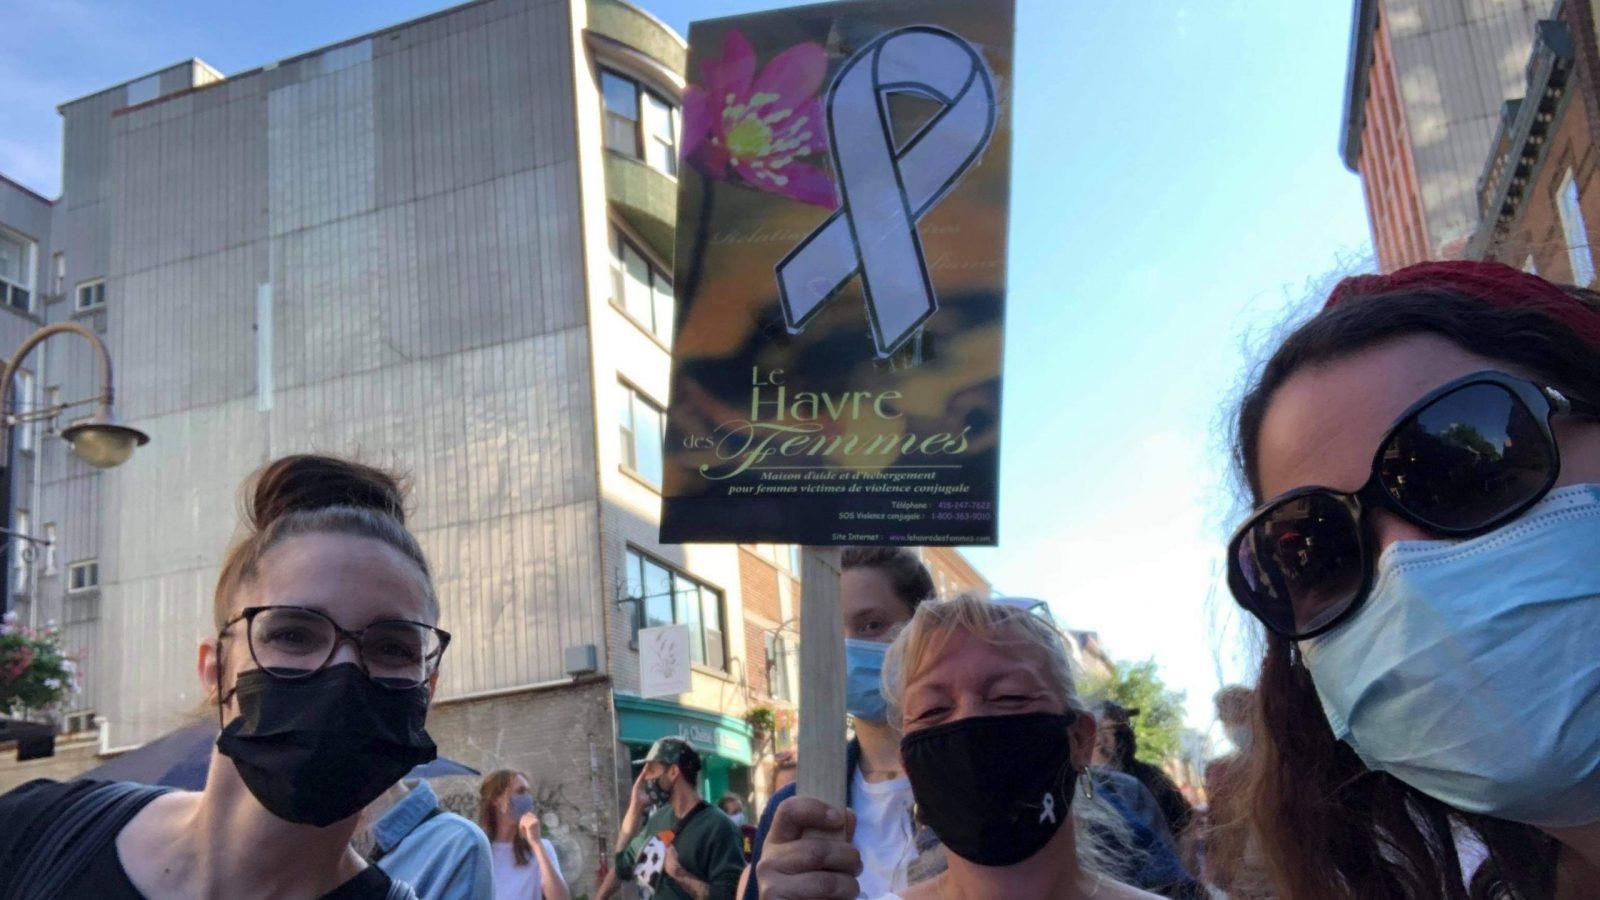 Le Havre des femmes à la marche en mémoire des victimes de violence conjugale